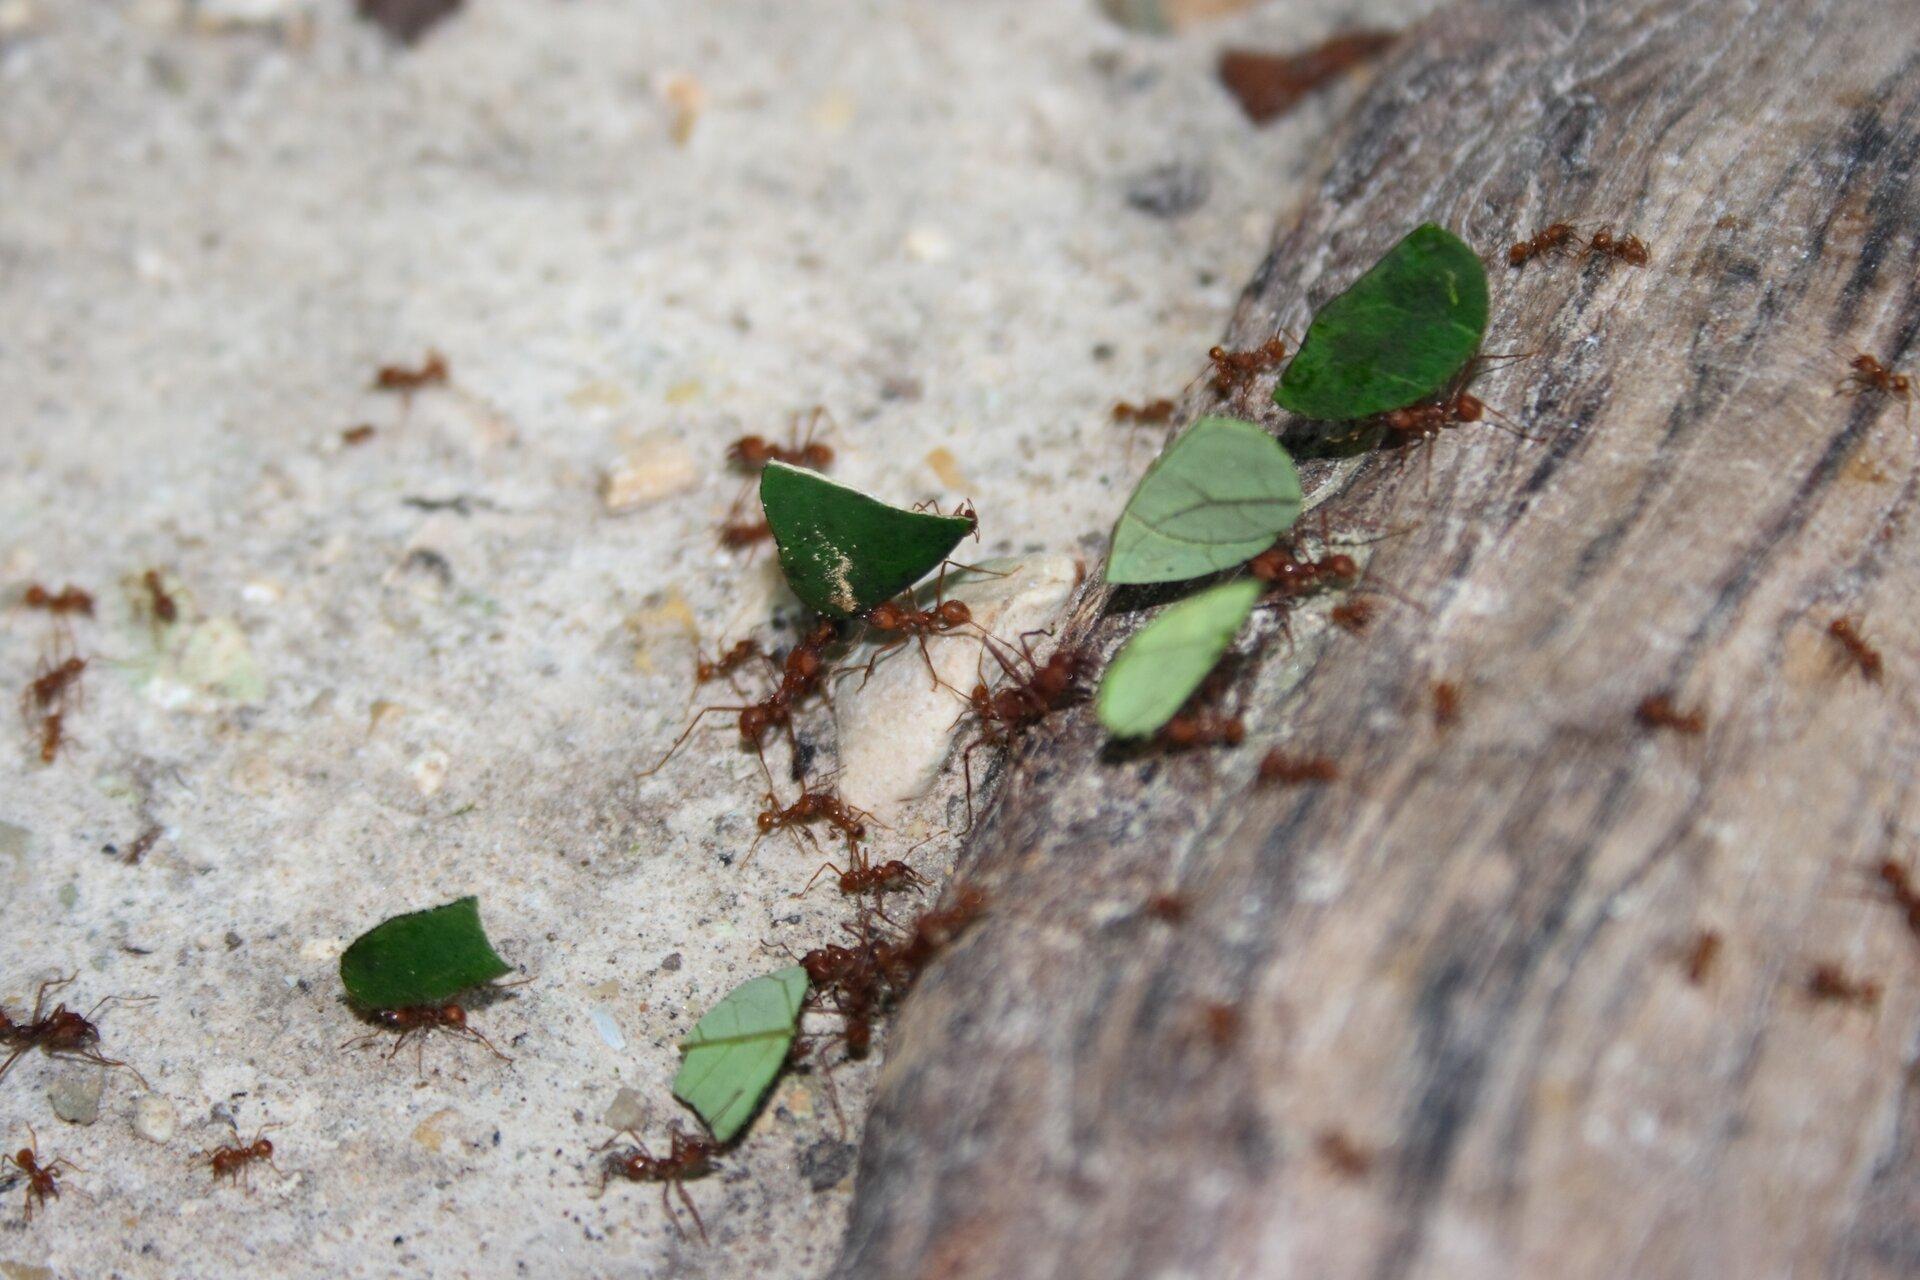 Fotografia przedstawia rude mrówki idące po piasku iwchodzące na kamień. Kilka mrówek niesie liście, pocięte na trójkątne kawałki. Liście posłużą jako podłoże dla grzyba.